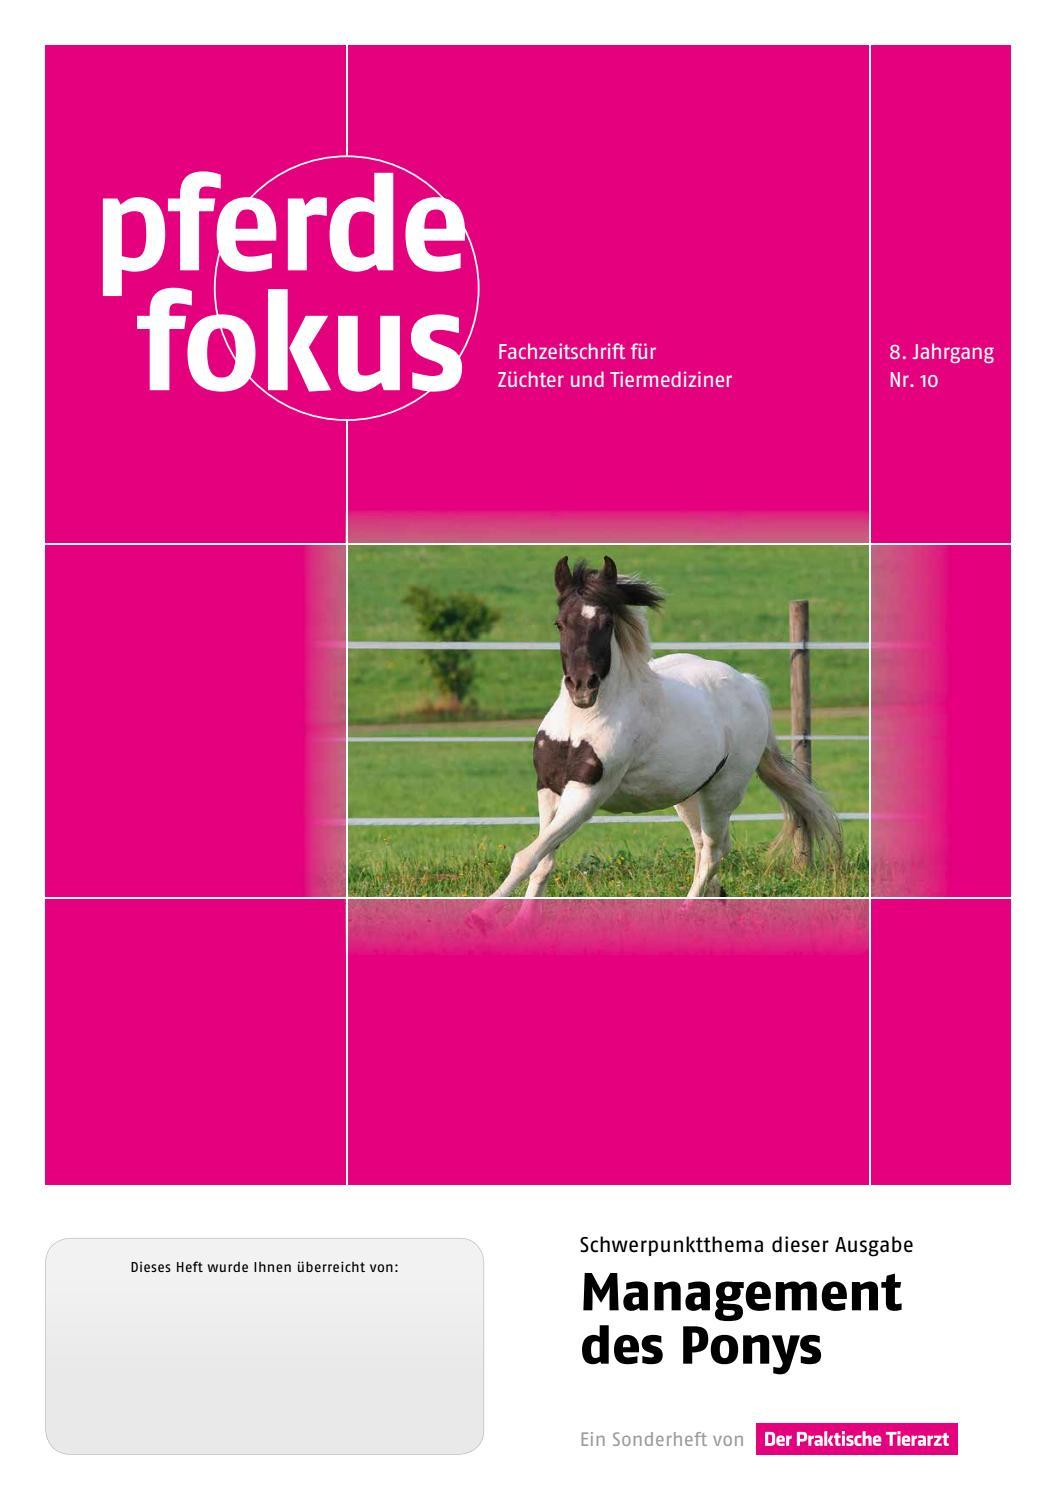 Edelstahl Mähnenkamm für Pferde handlich Pferde Kamm